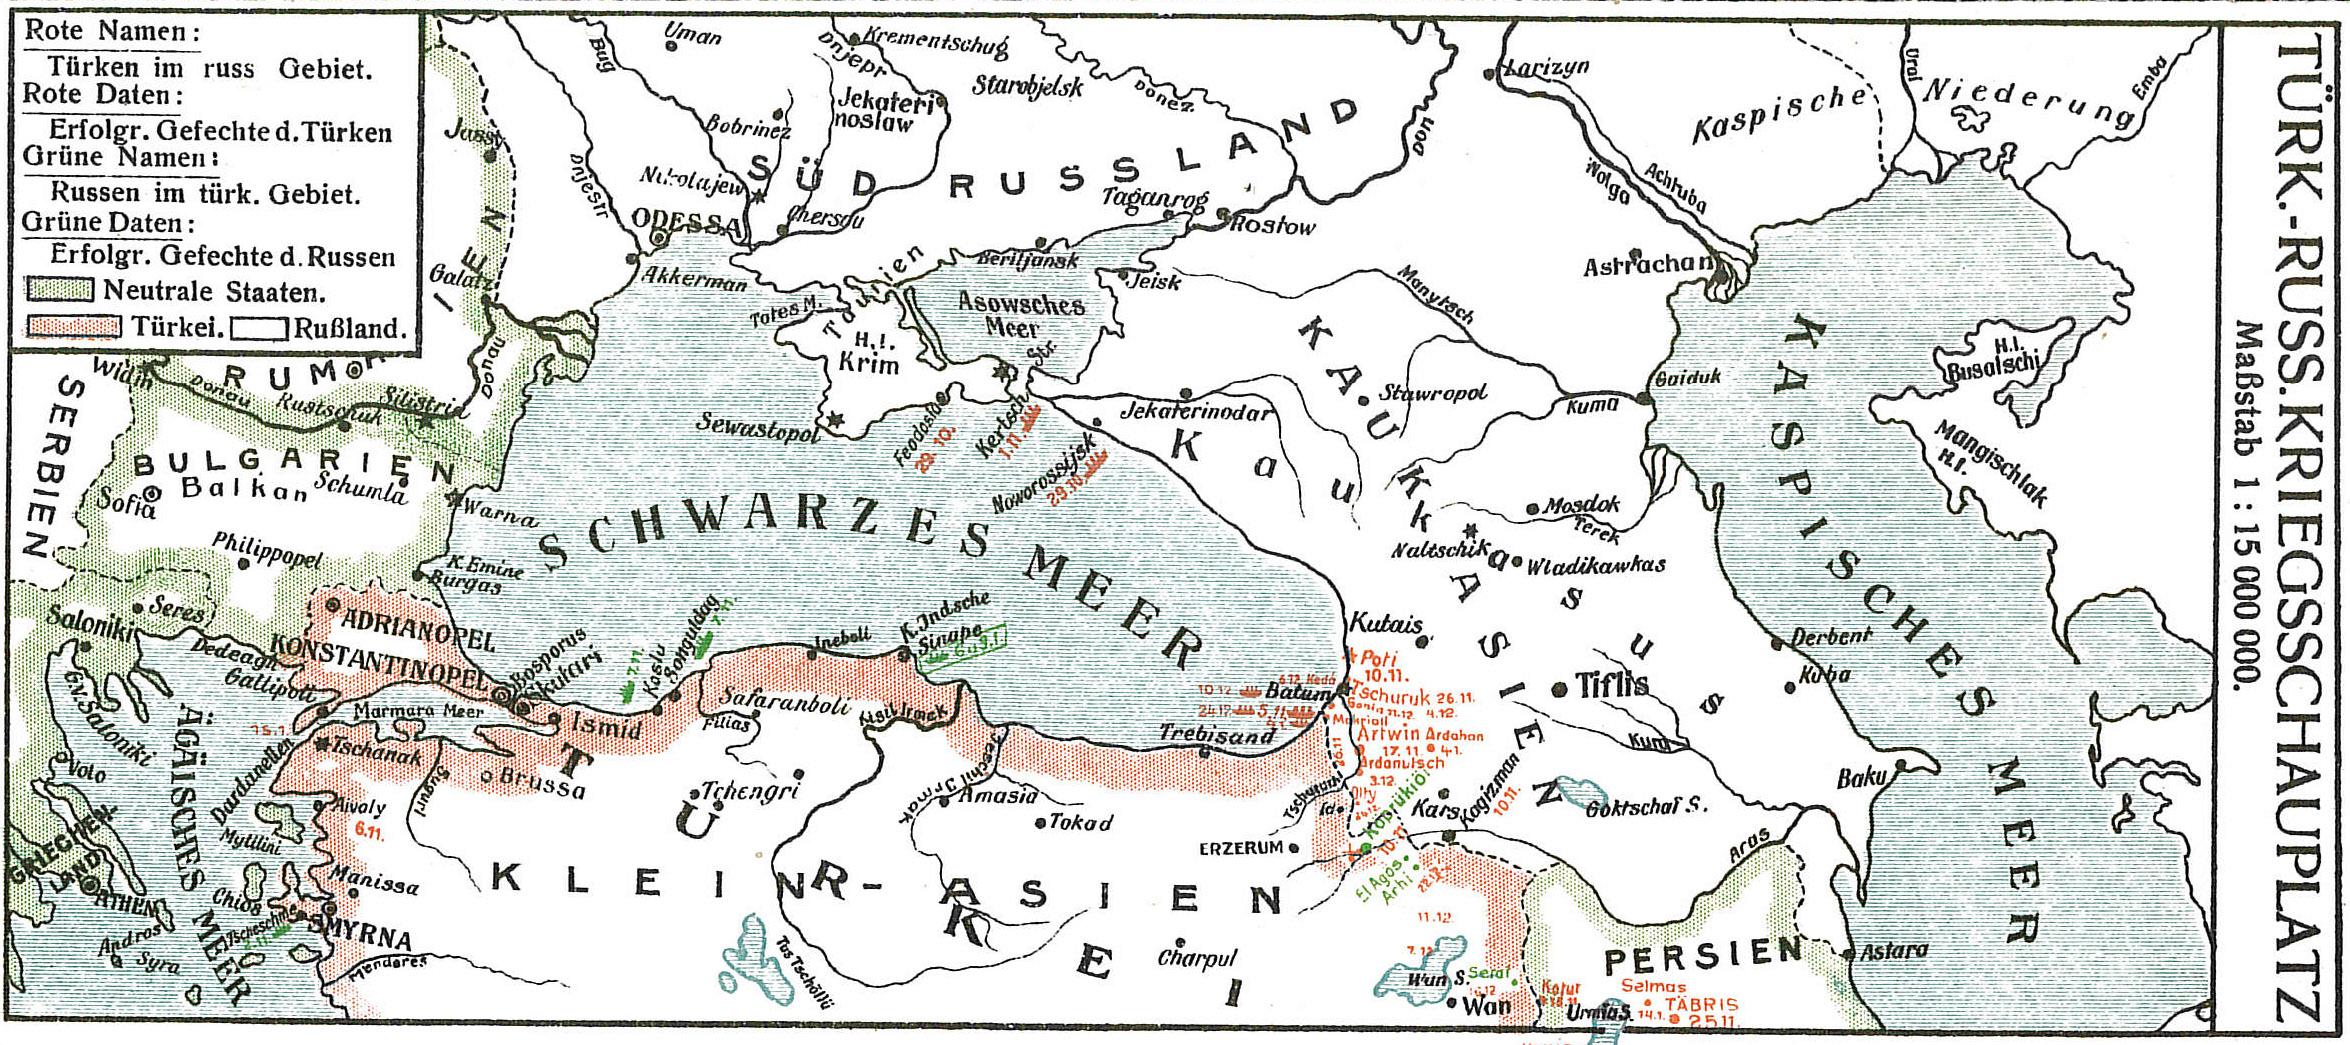 1915-01-10til16 Krigskort Tyrkiet